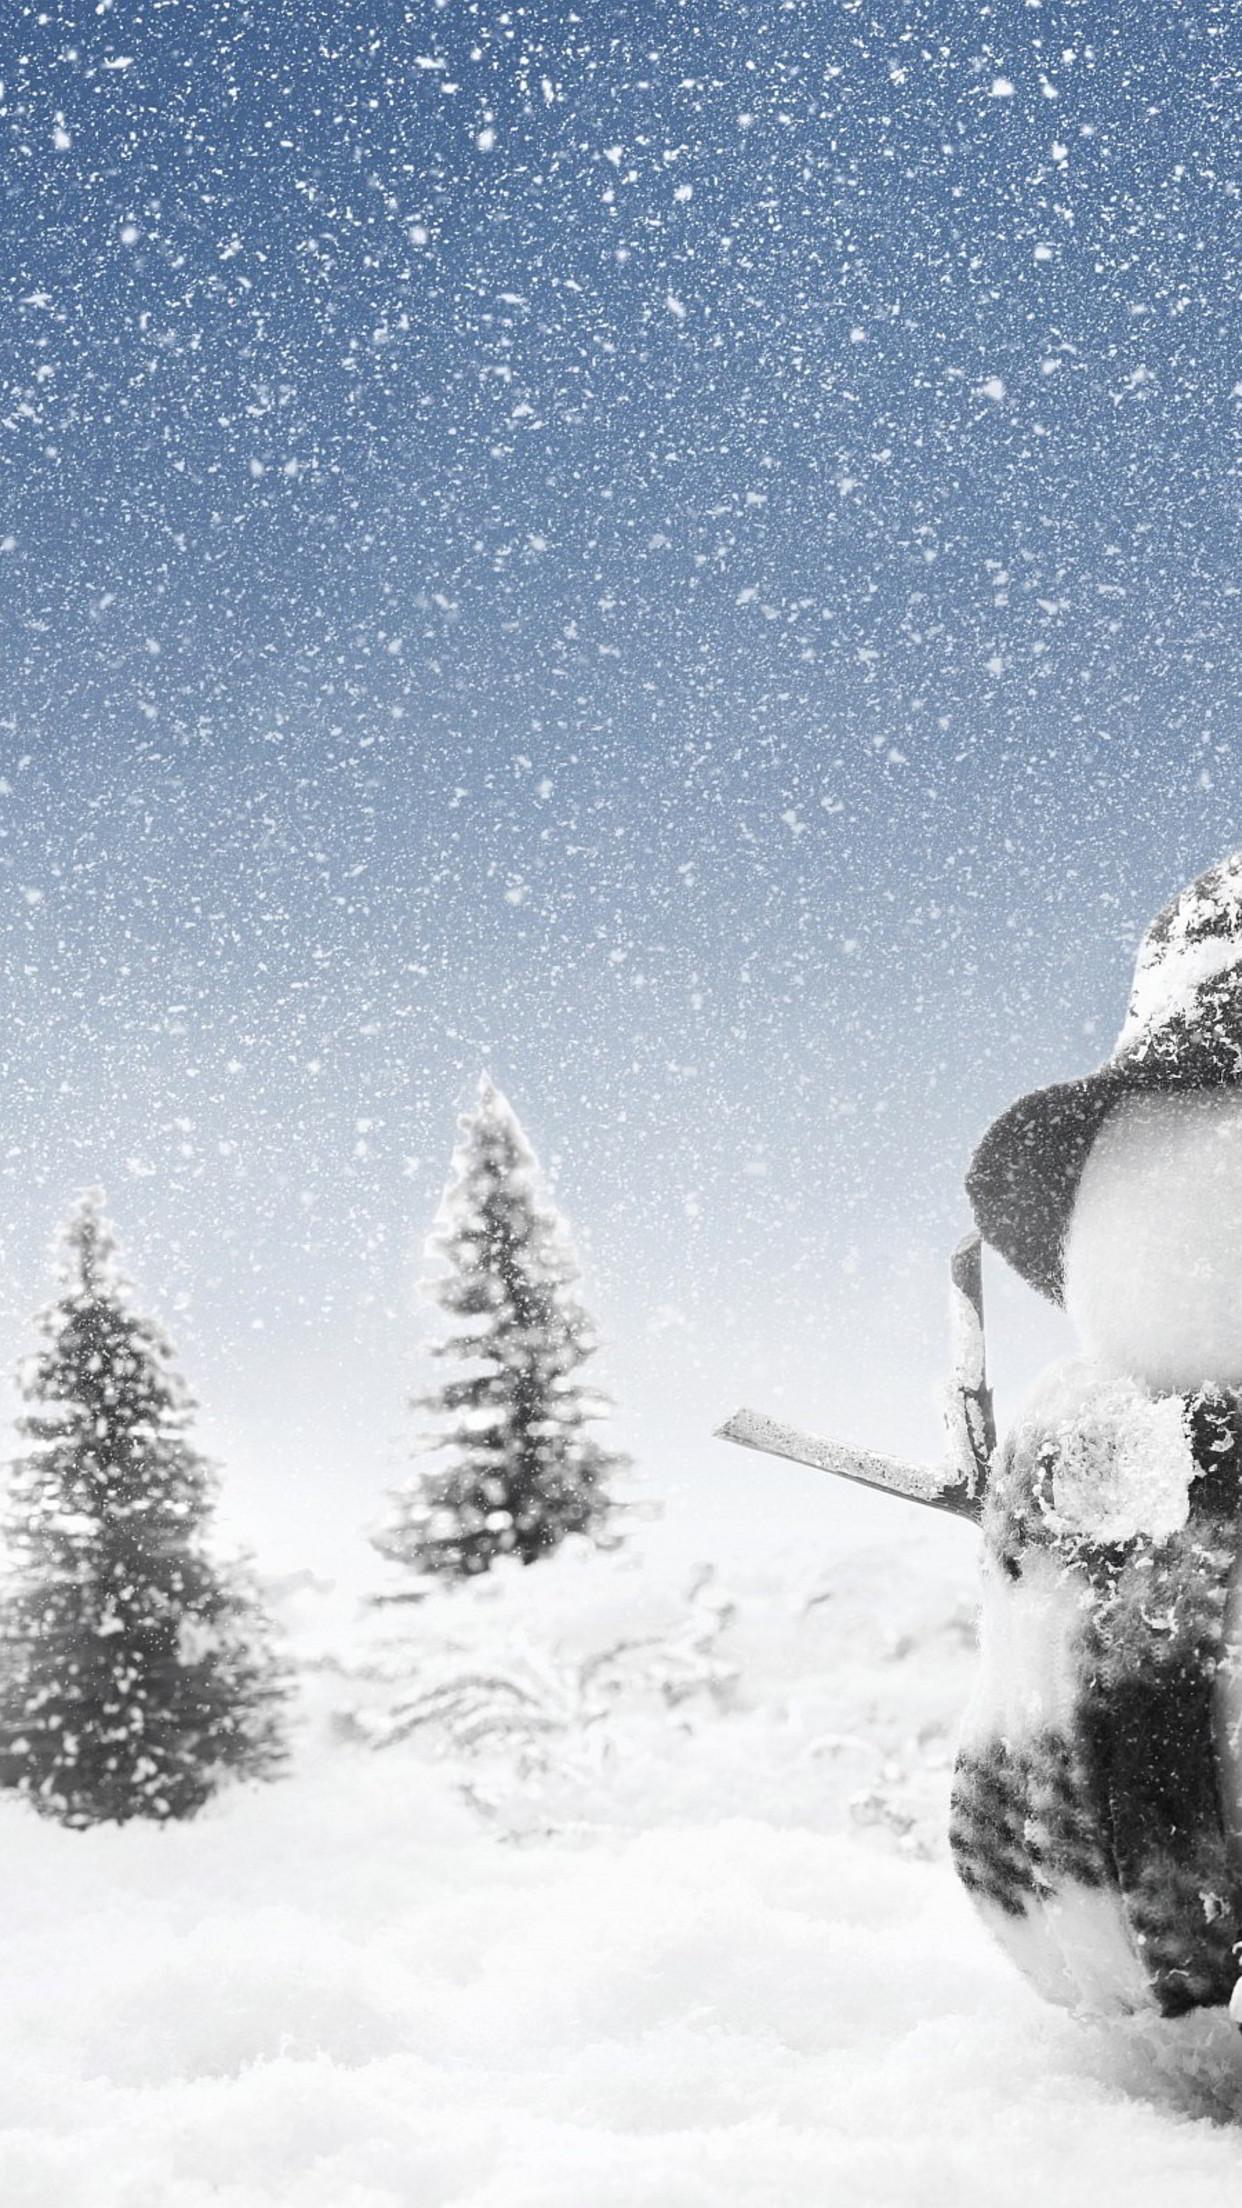 Snowman-tall-as-tree-HD-winter-wallpaper_1242x2208